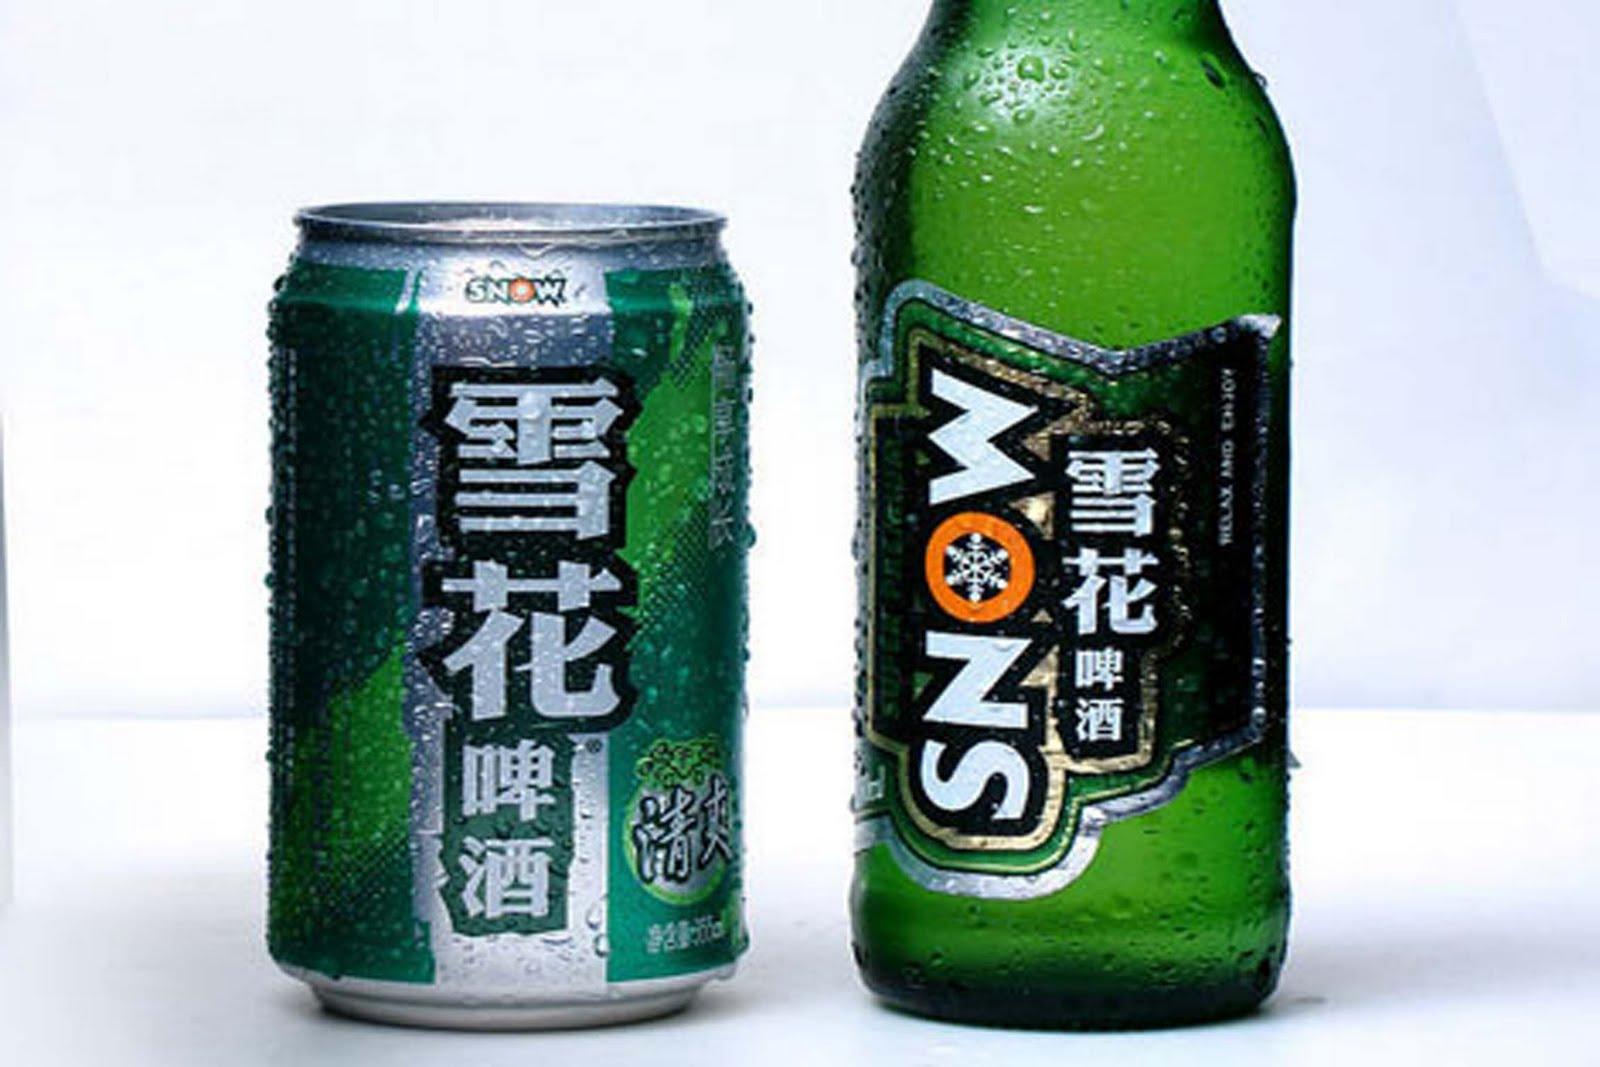 Bière Snow Chine